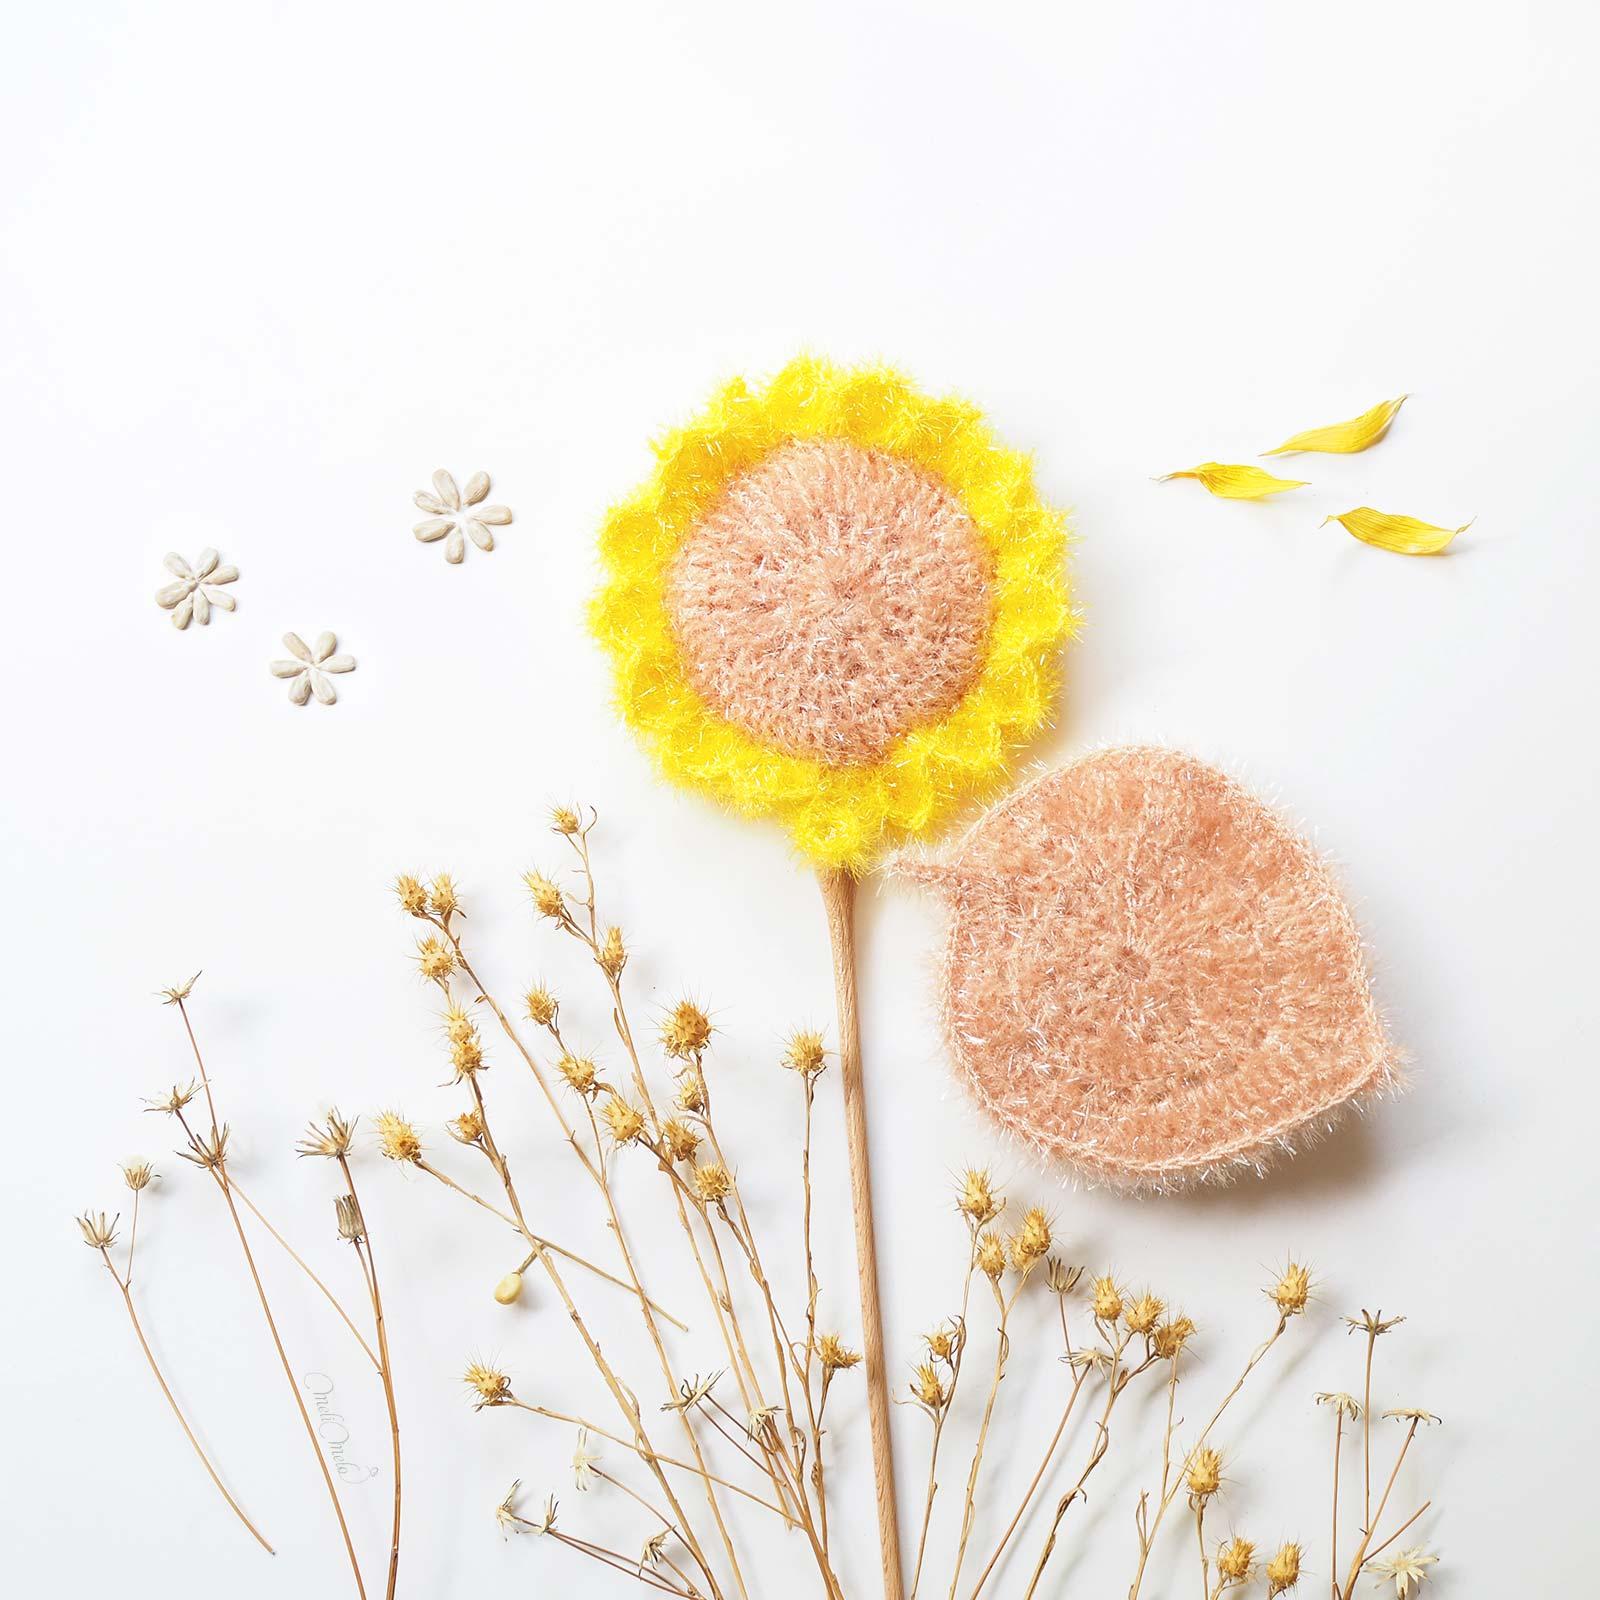 éponges Tawashis Fleur de Tournesol Sunflowers poudre vaisselle corps Creative Bubble laboutiquedemelimelo